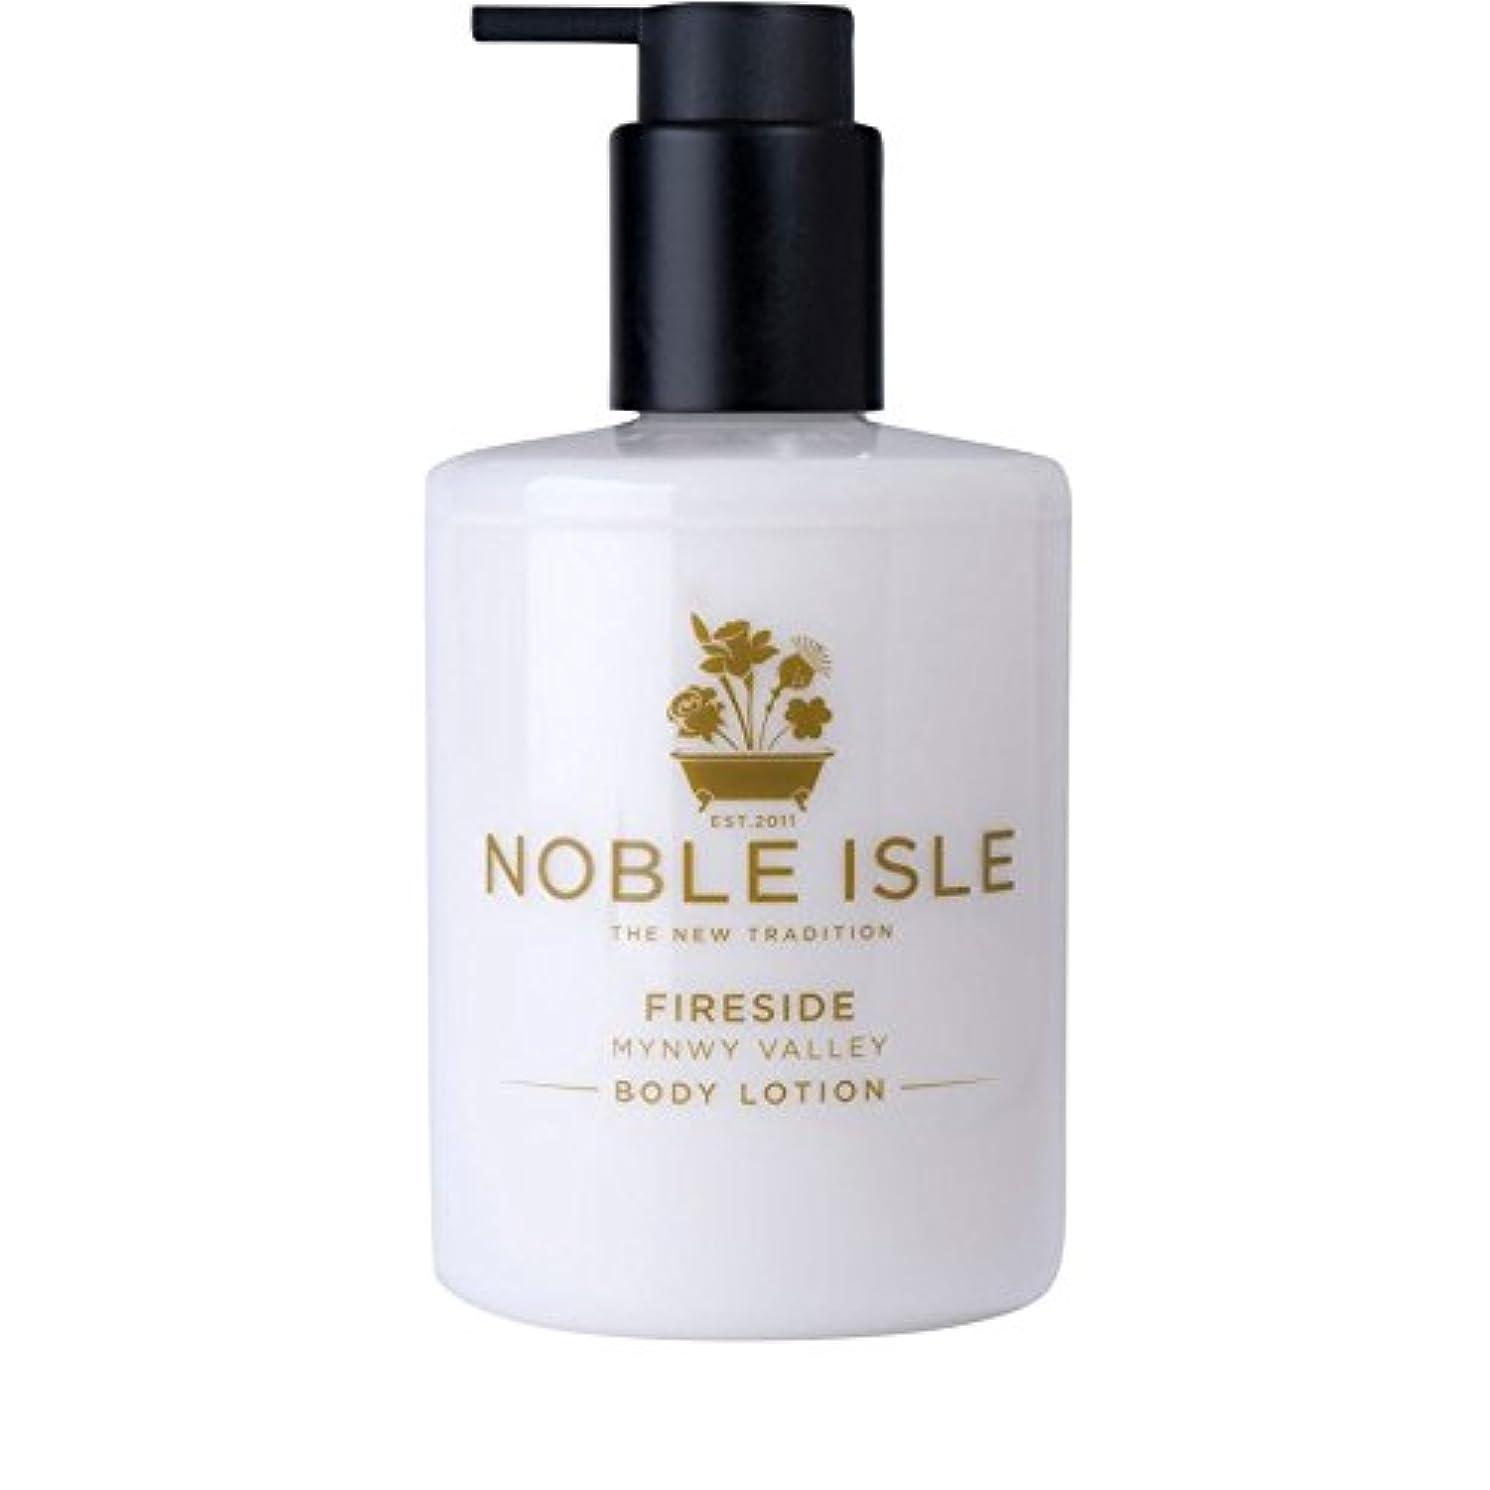 思い出すより多いバラバラにするNoble Isle Fireside Mynwy Valley Body Lotion 250ml (Pack of 6) - 高貴な島炉端谷のボディローション250ミリリットル x6 [並行輸入品]